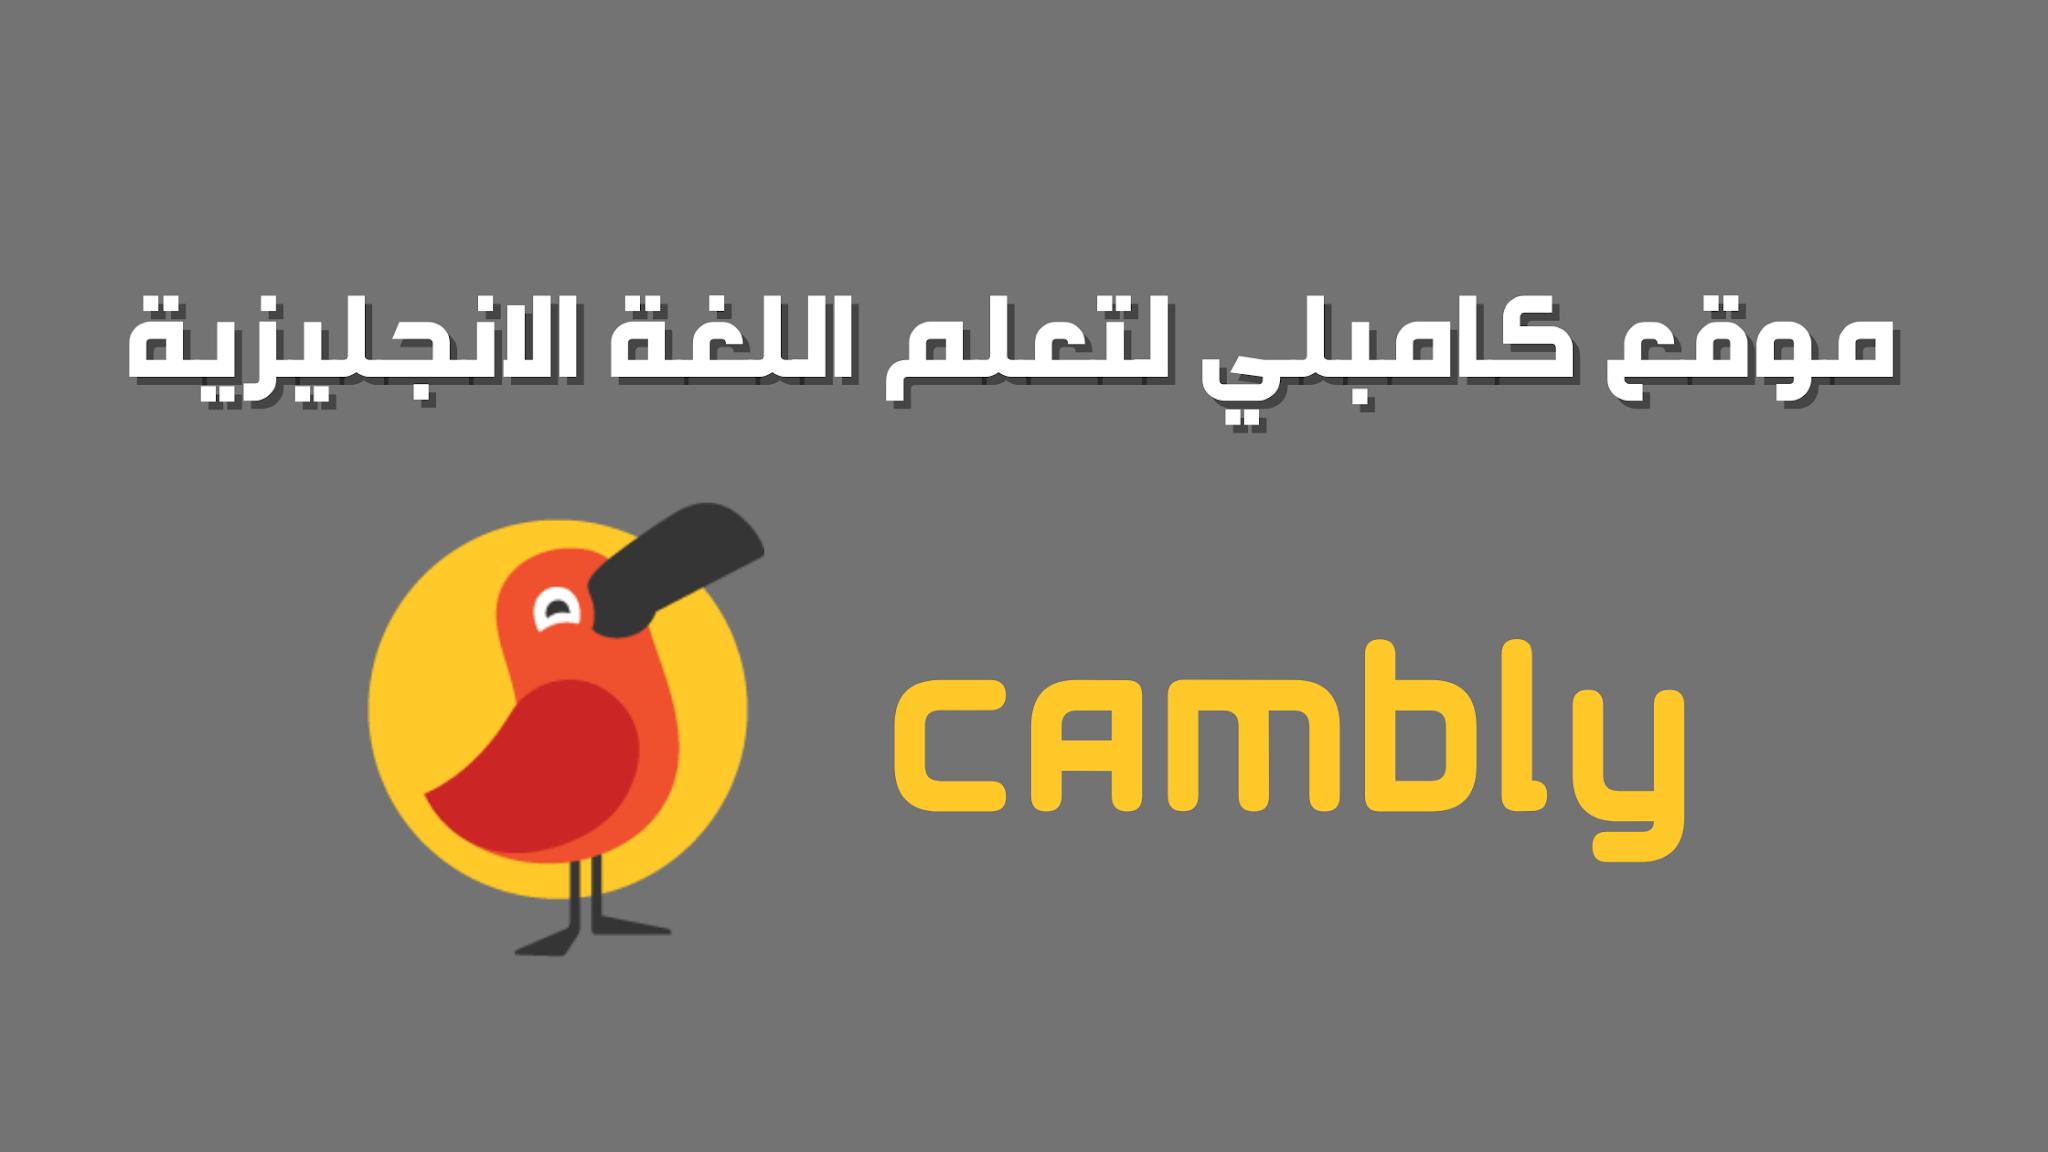 موقع كامبلي لتعلم اللغة الانجليزية من معلمين اجانب |  Cambly